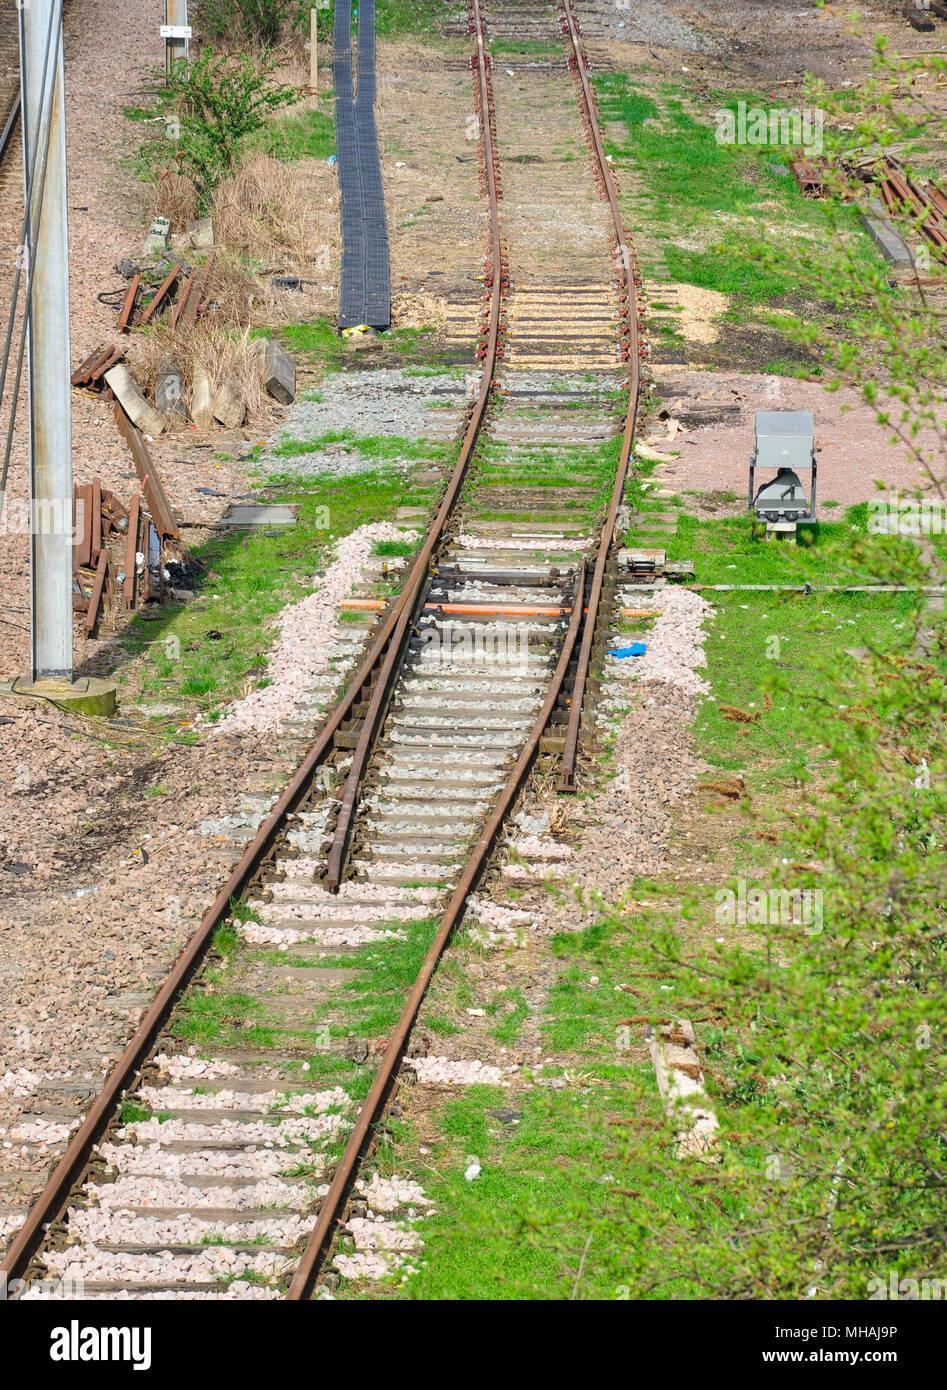 Catch point on old railway siding, Hitchin, Hertfordshire, England, UK - Stock Image